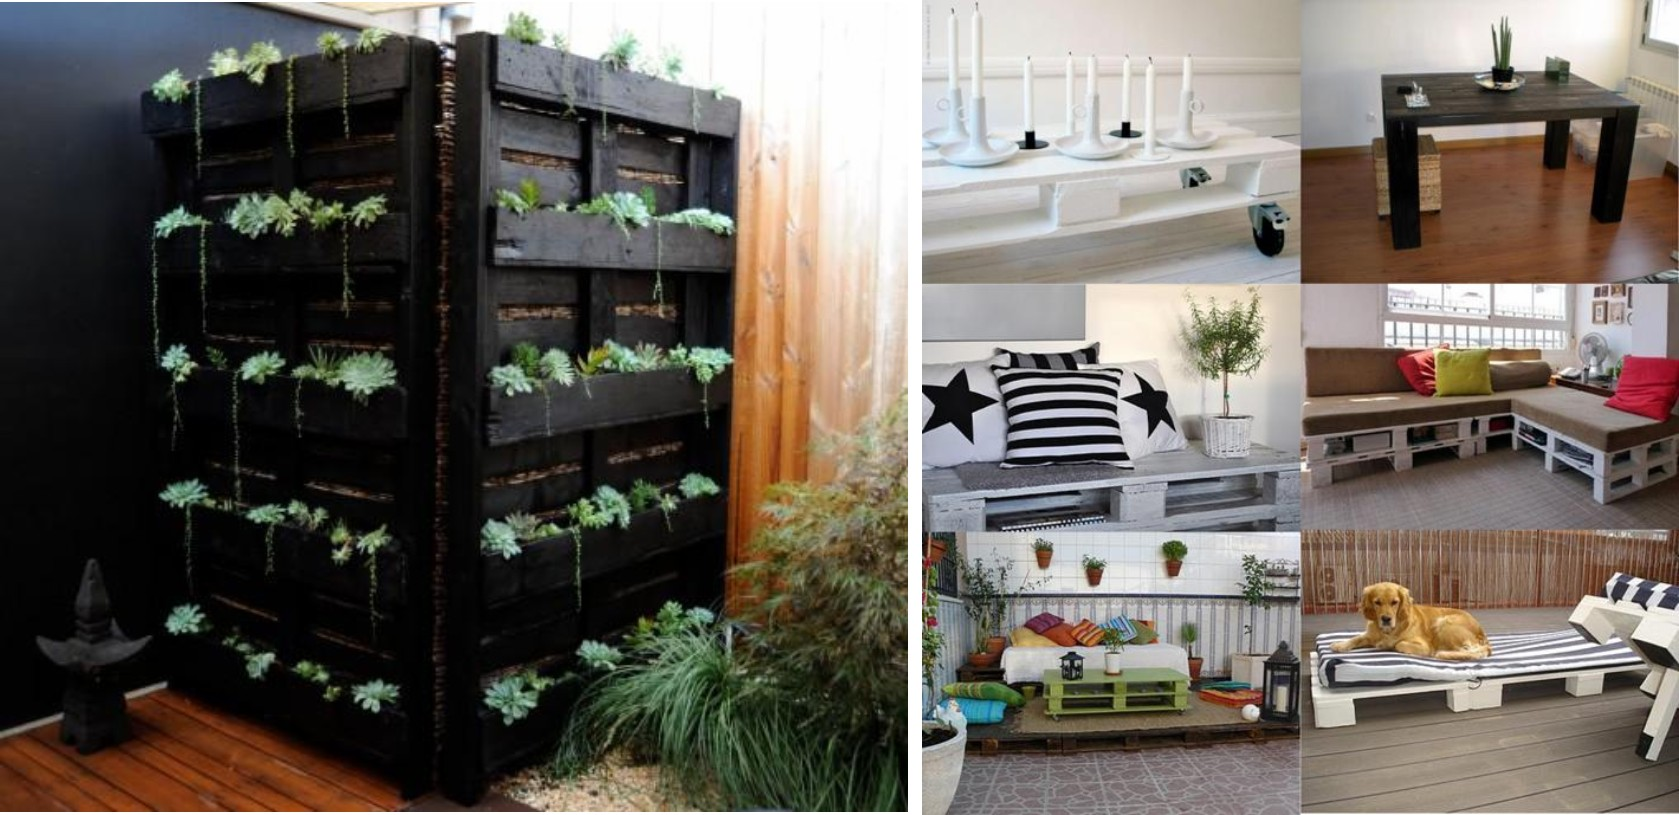 Ideas para hacer muebles caseros y reciclando palets for Ideas muebles